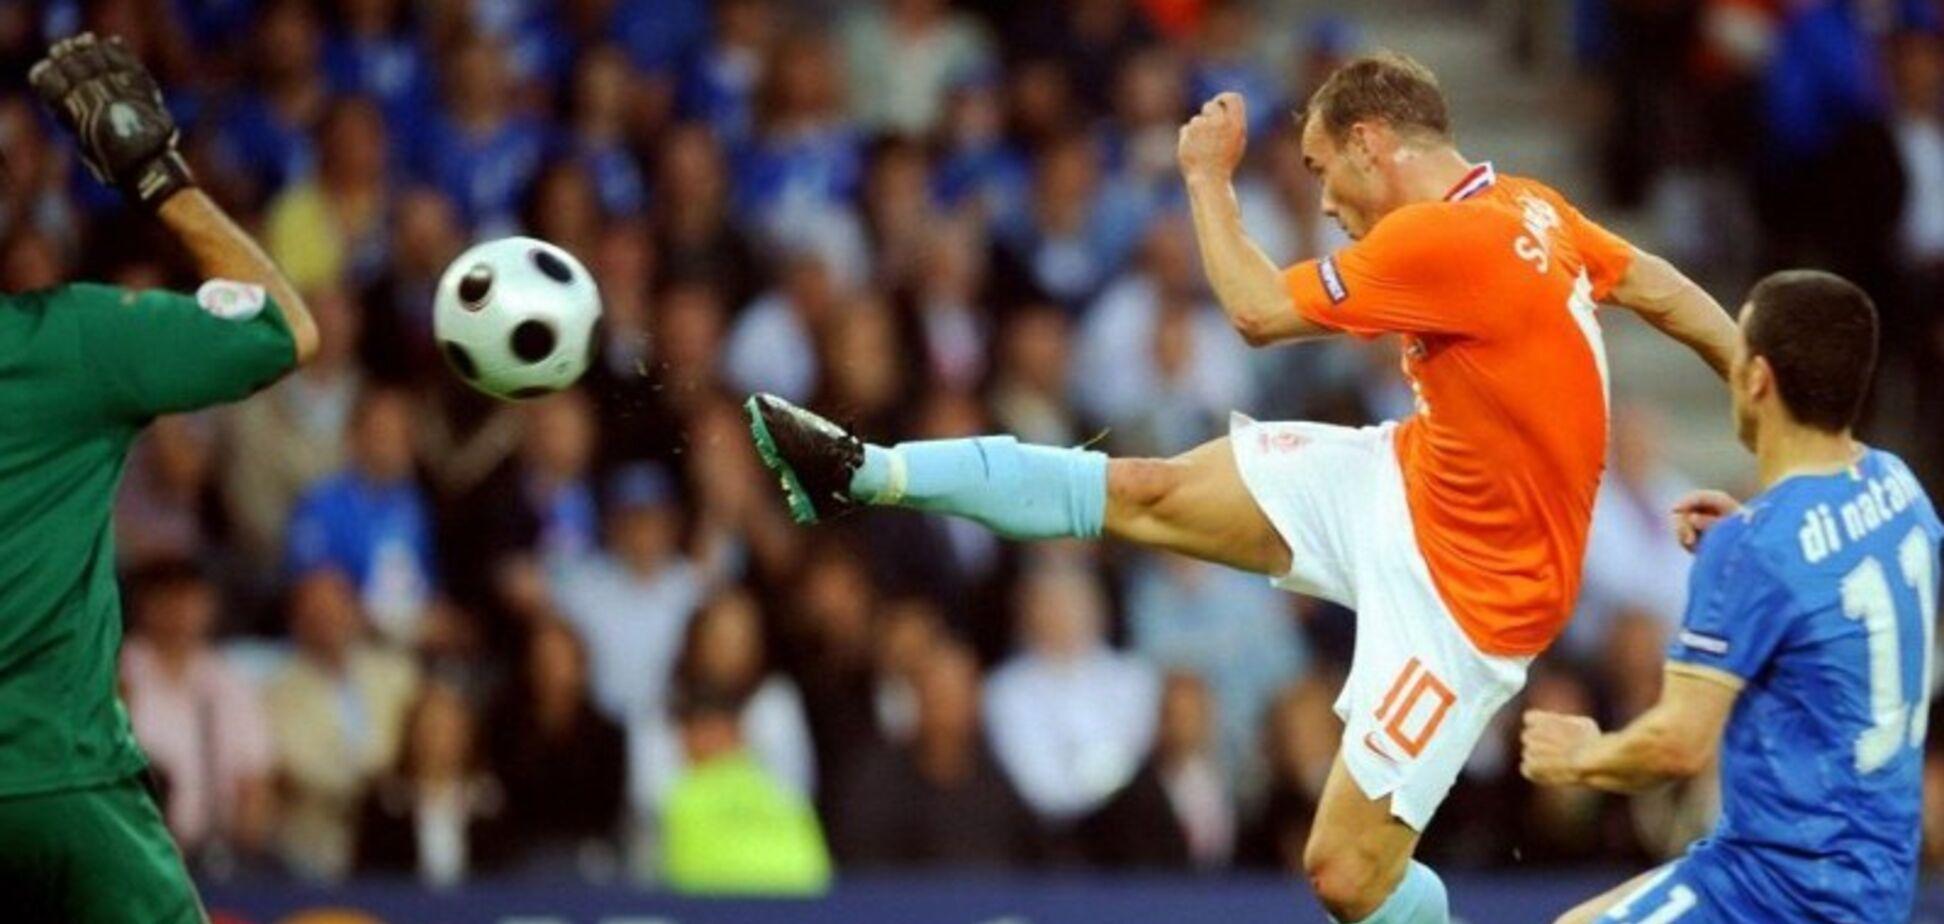 Уболівальників у всьому світі шокувала нереальна траєкторія м'яча: відео